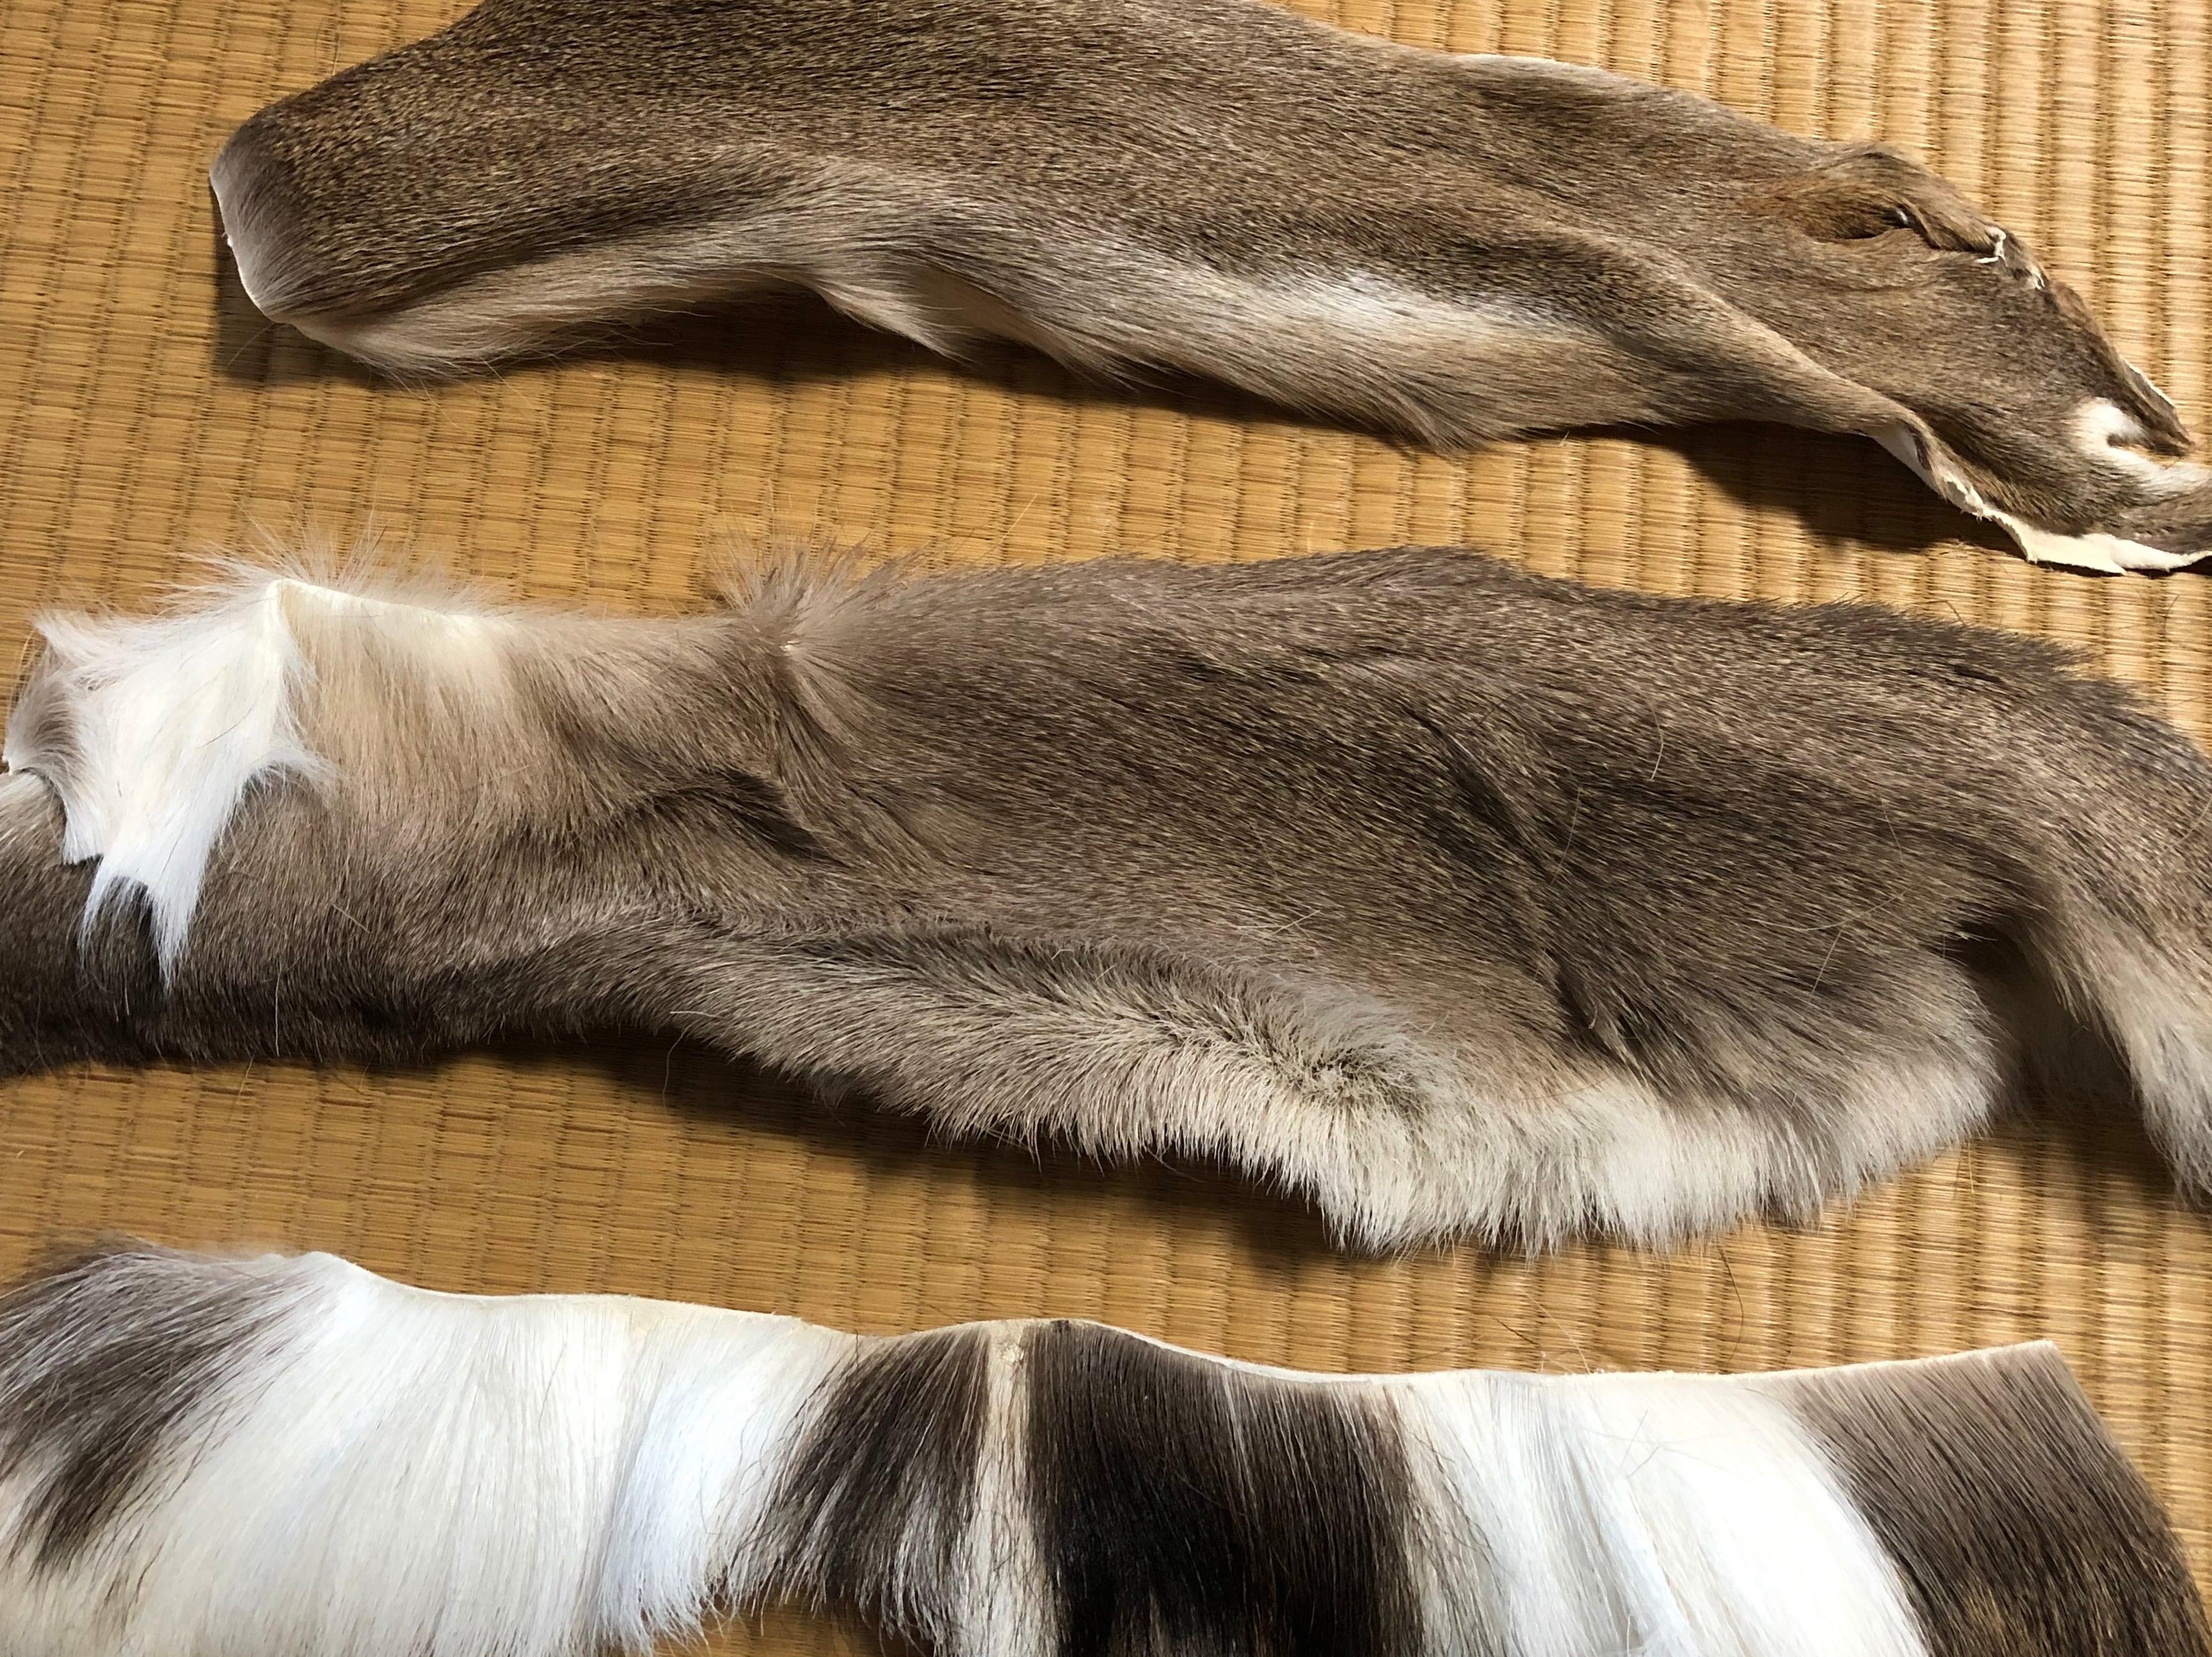 【冬鹿】鹿毛皮ハギレ 1デシ(10cm×10cm)以上